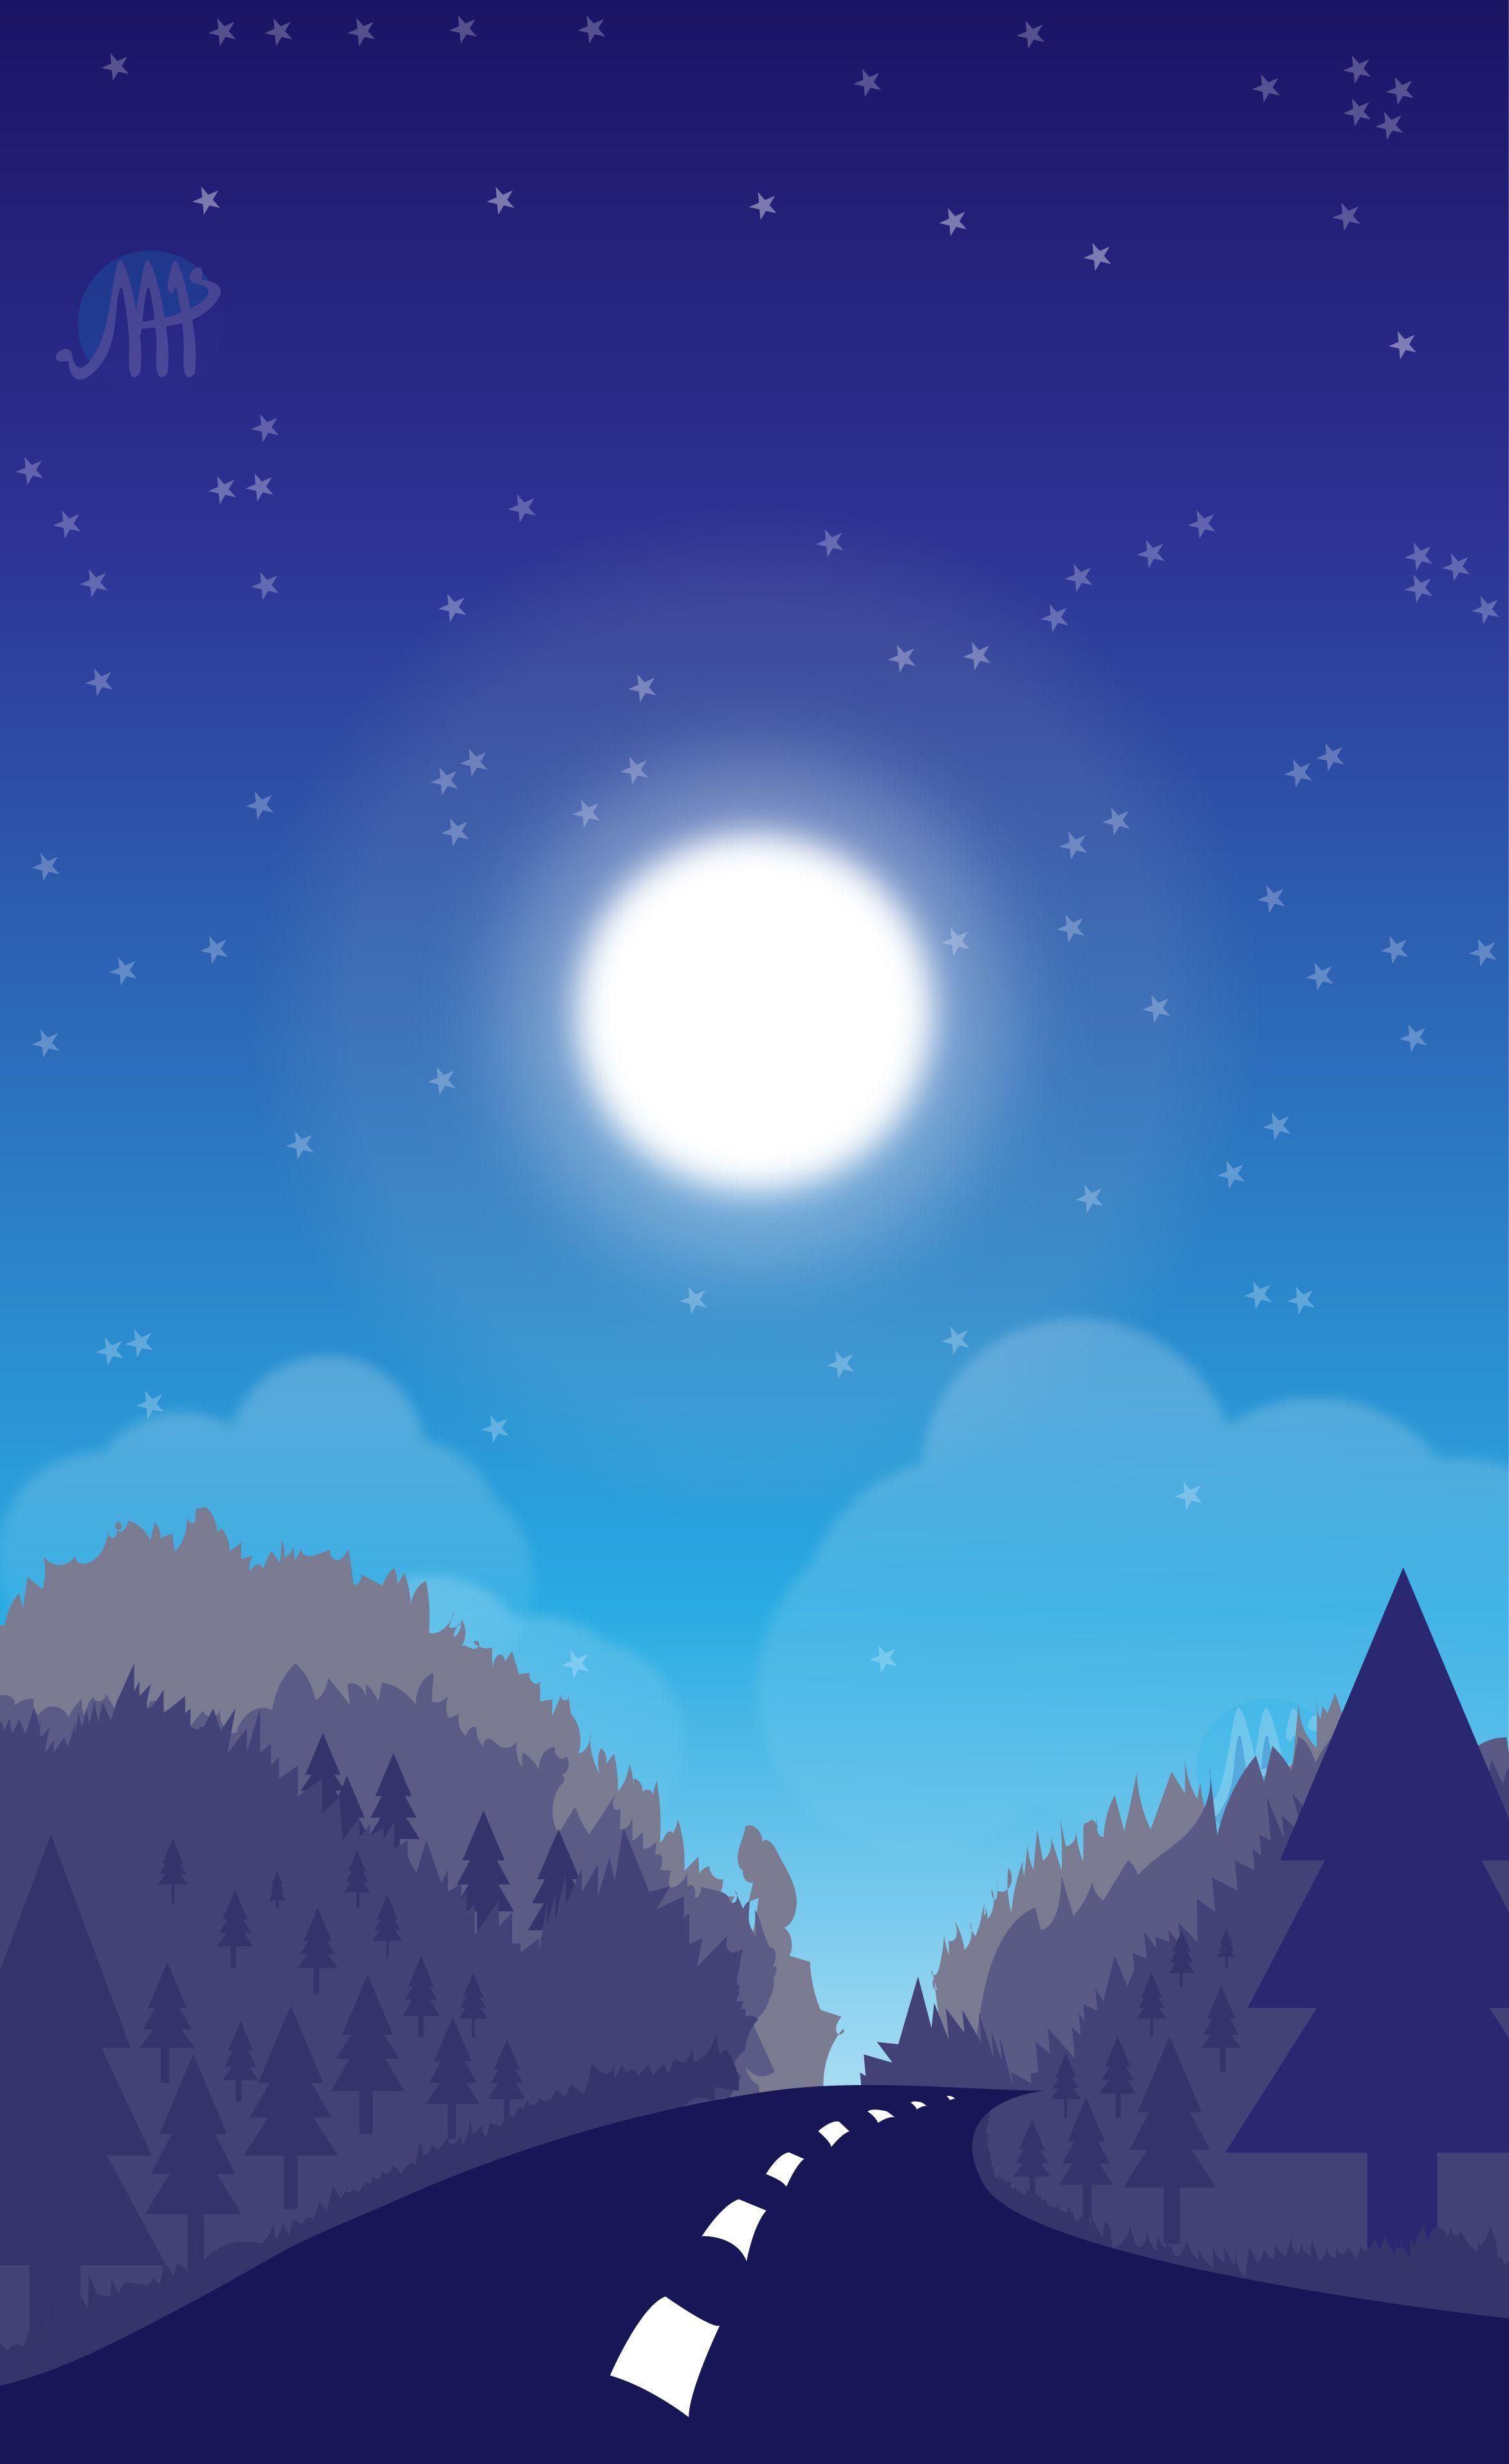 Night Sky Wallpaper illustrations in 2019. Night sky